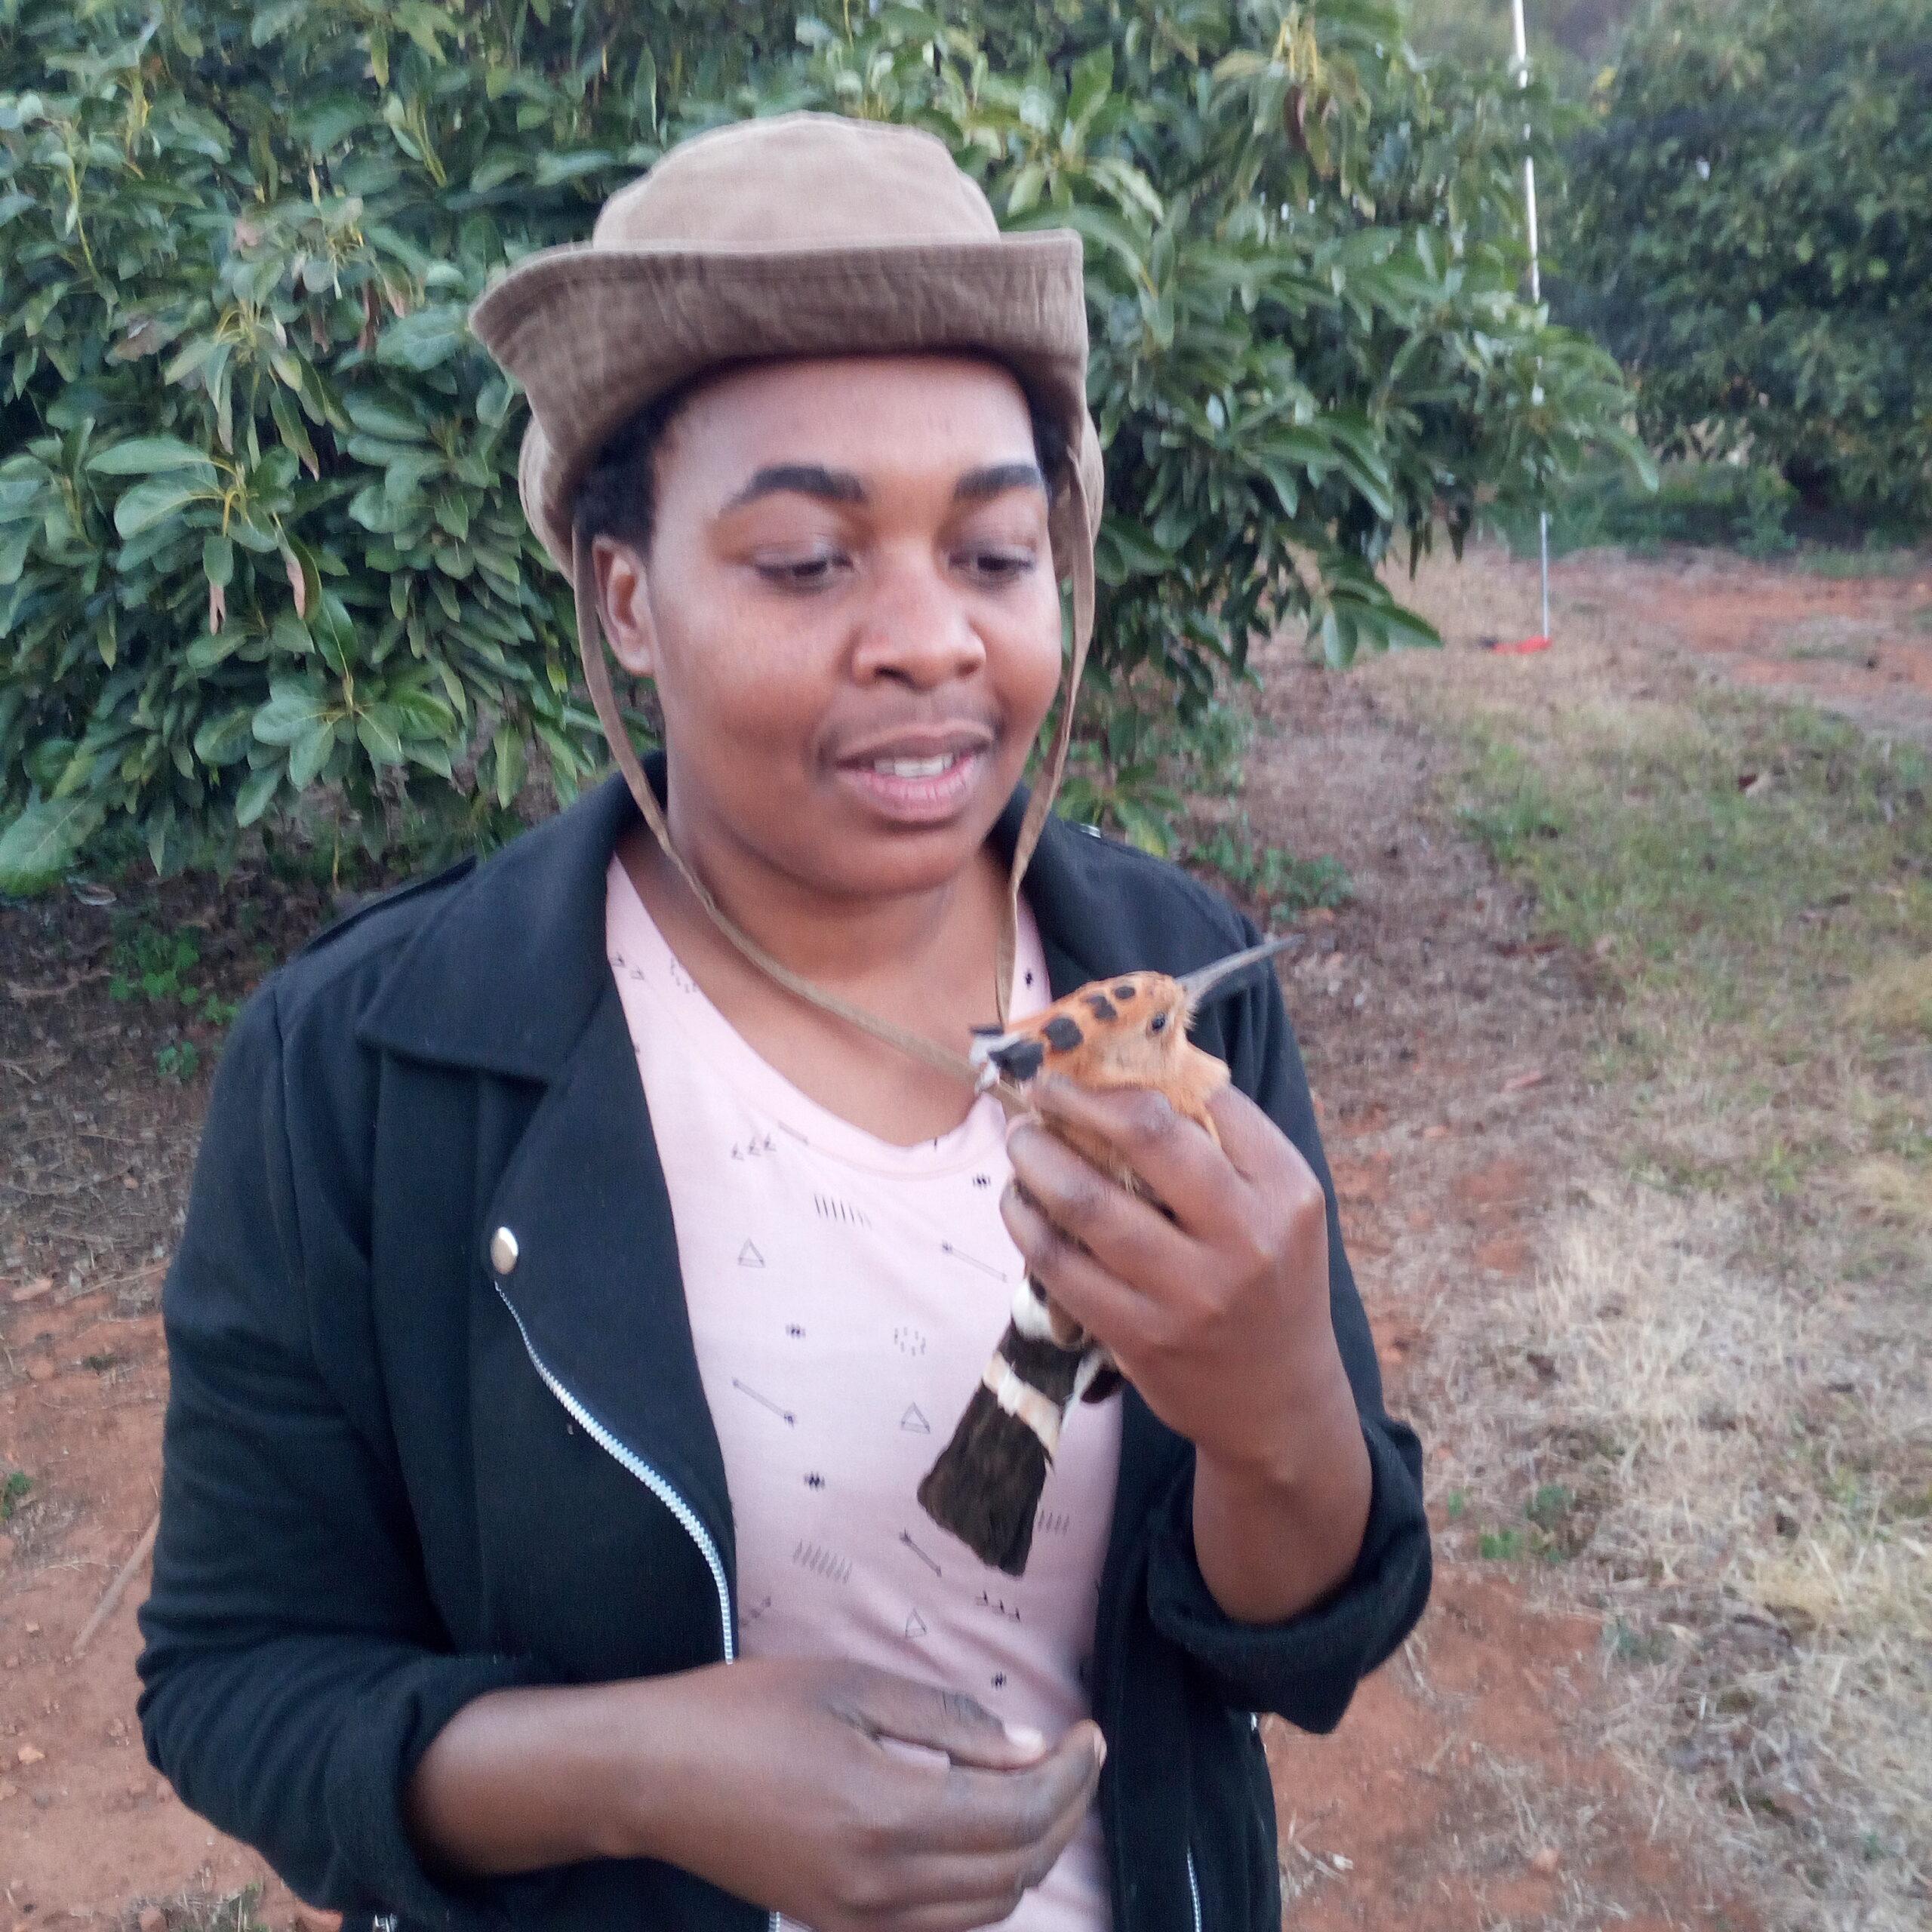 Celiwe Ngcamphalala and a hoopoe